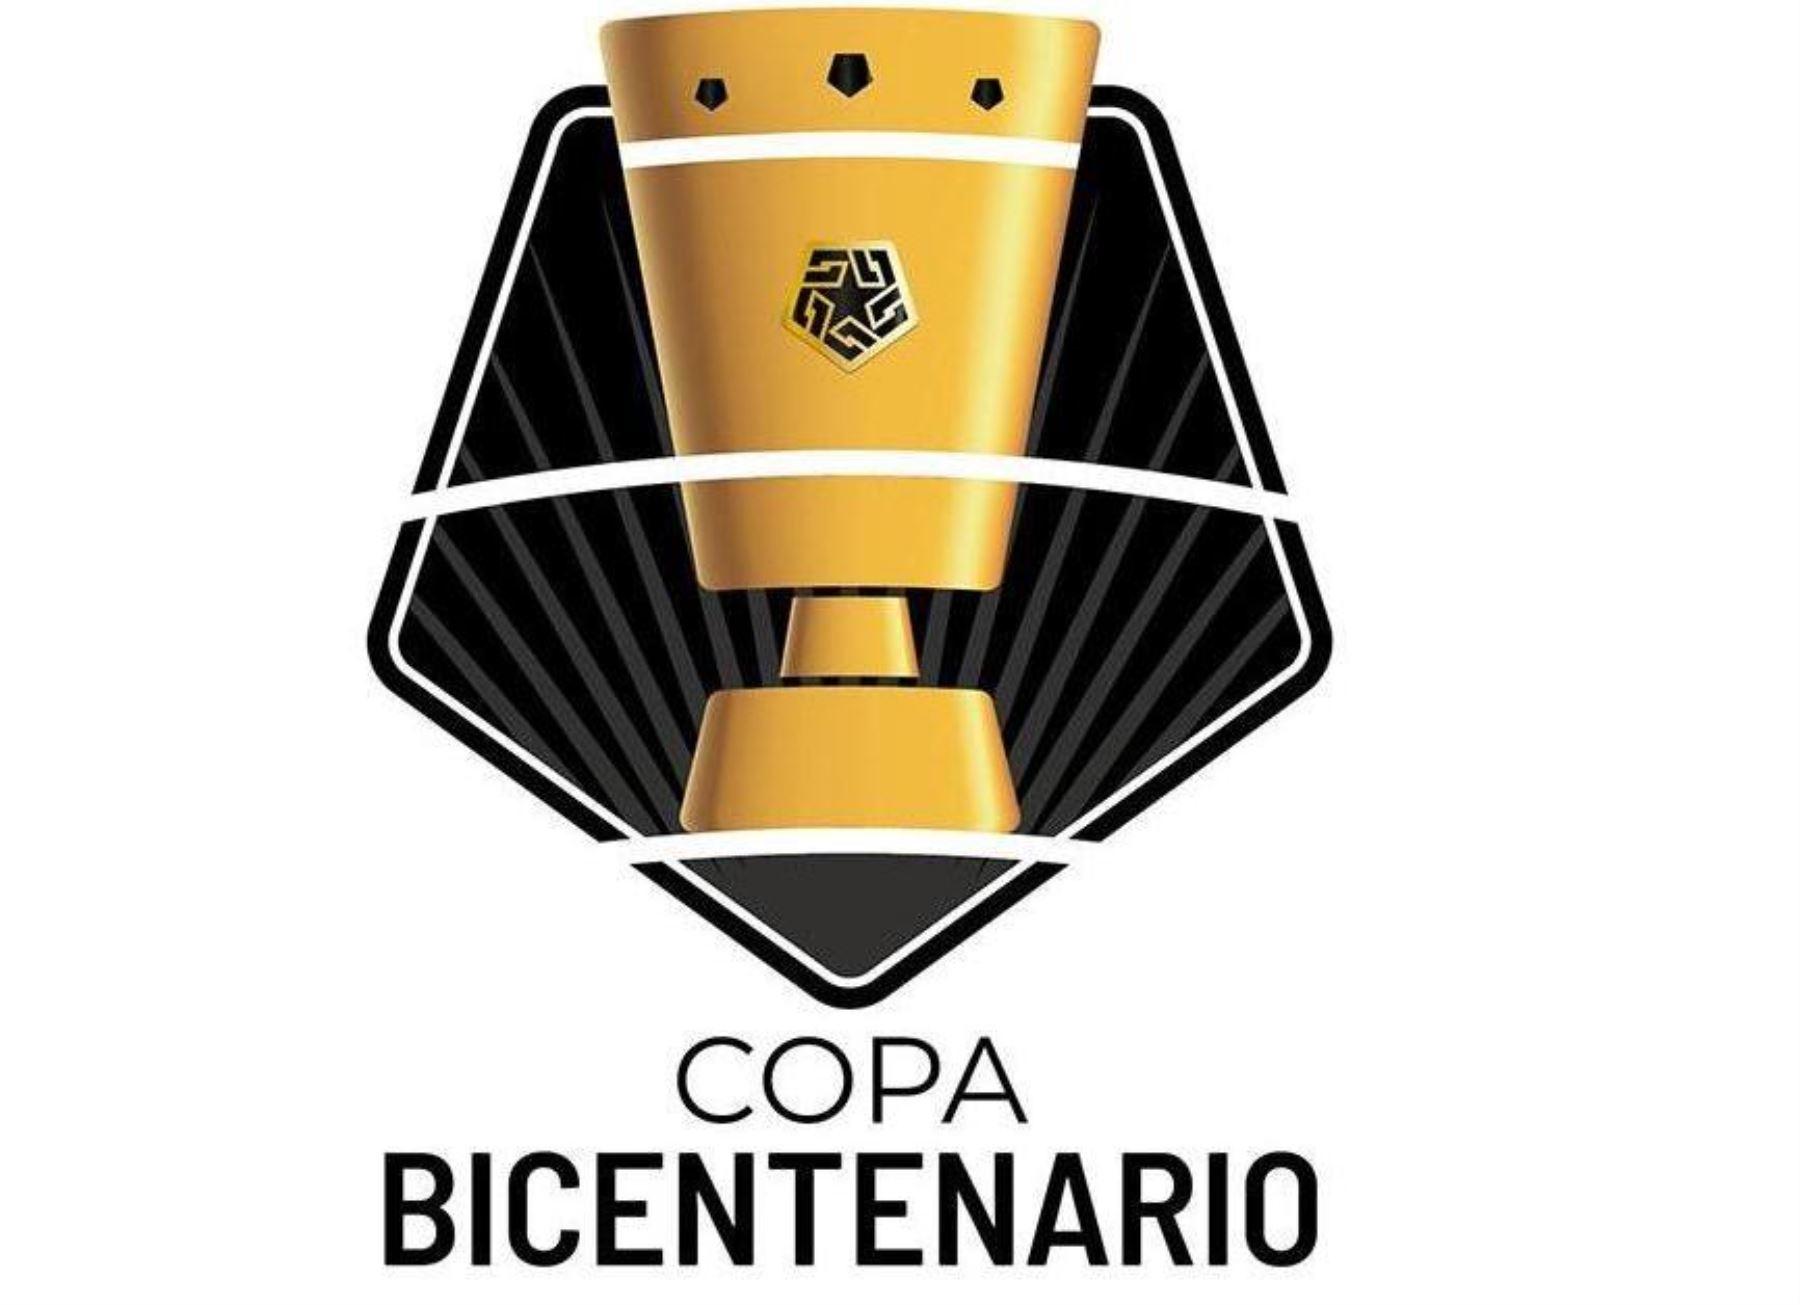 La Copa Bicentenario se jugará en paralelo a la Copa América 2021